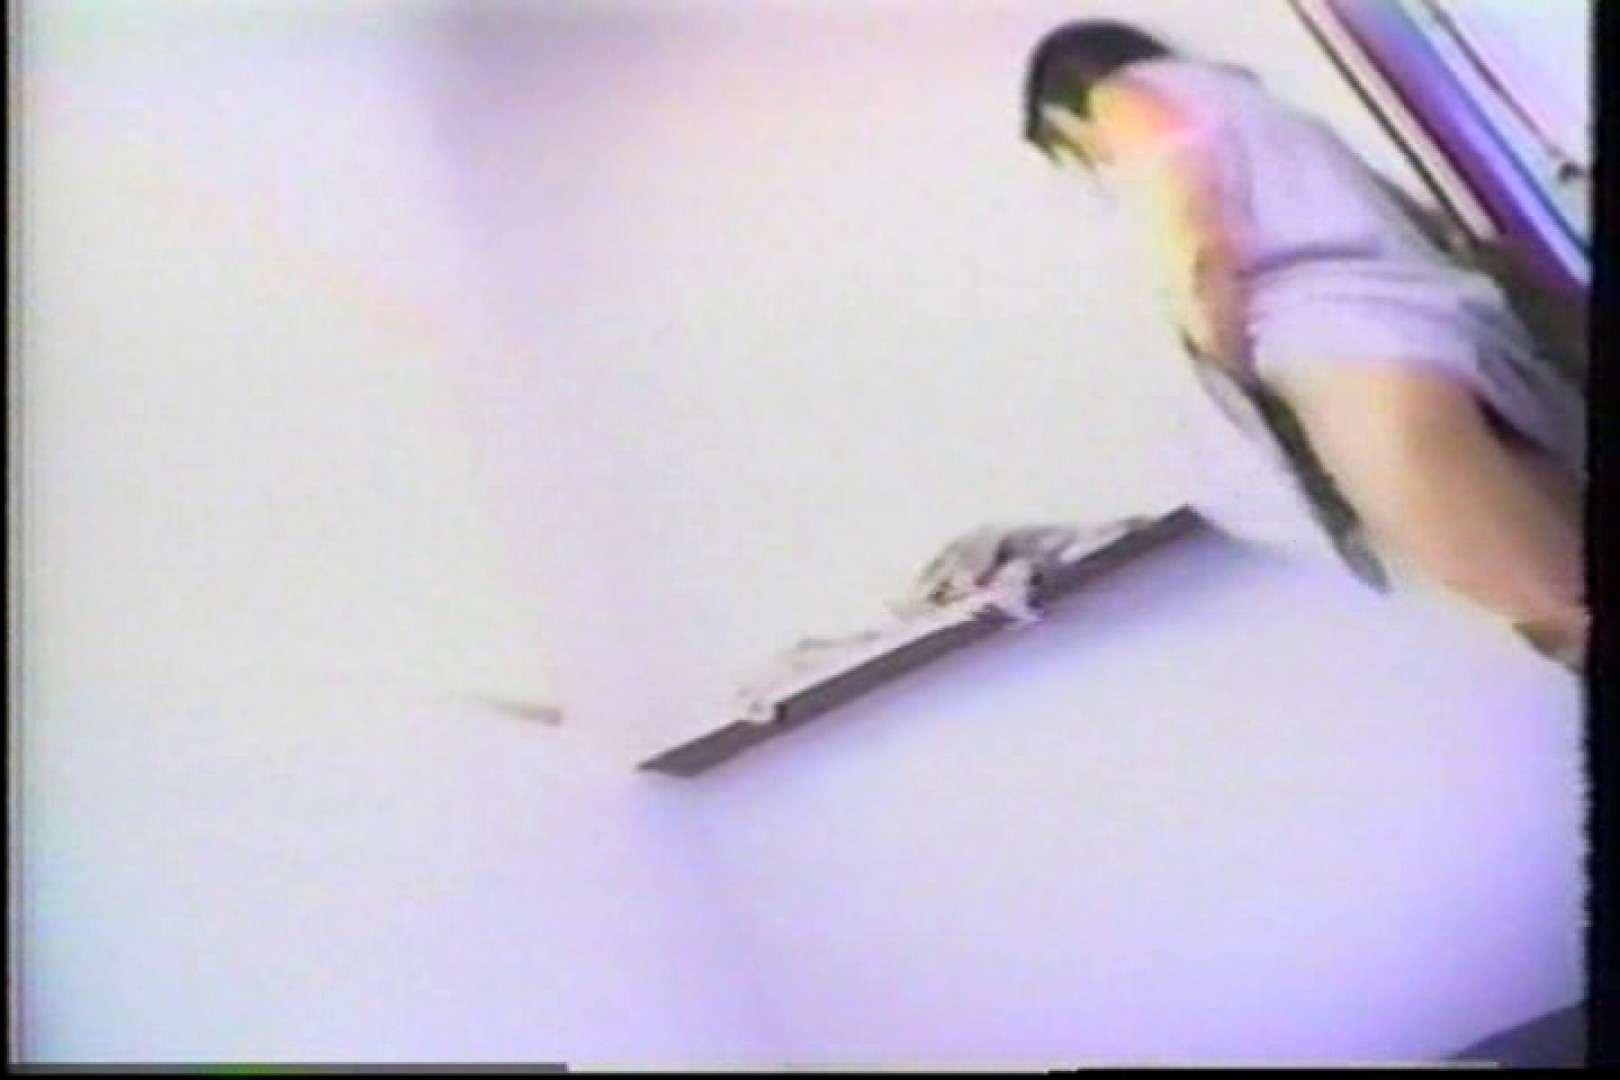 海の家の個室更衣室盗撮 全身全裸が丸見え TK-95 丸見えマンコ  87PIX 75